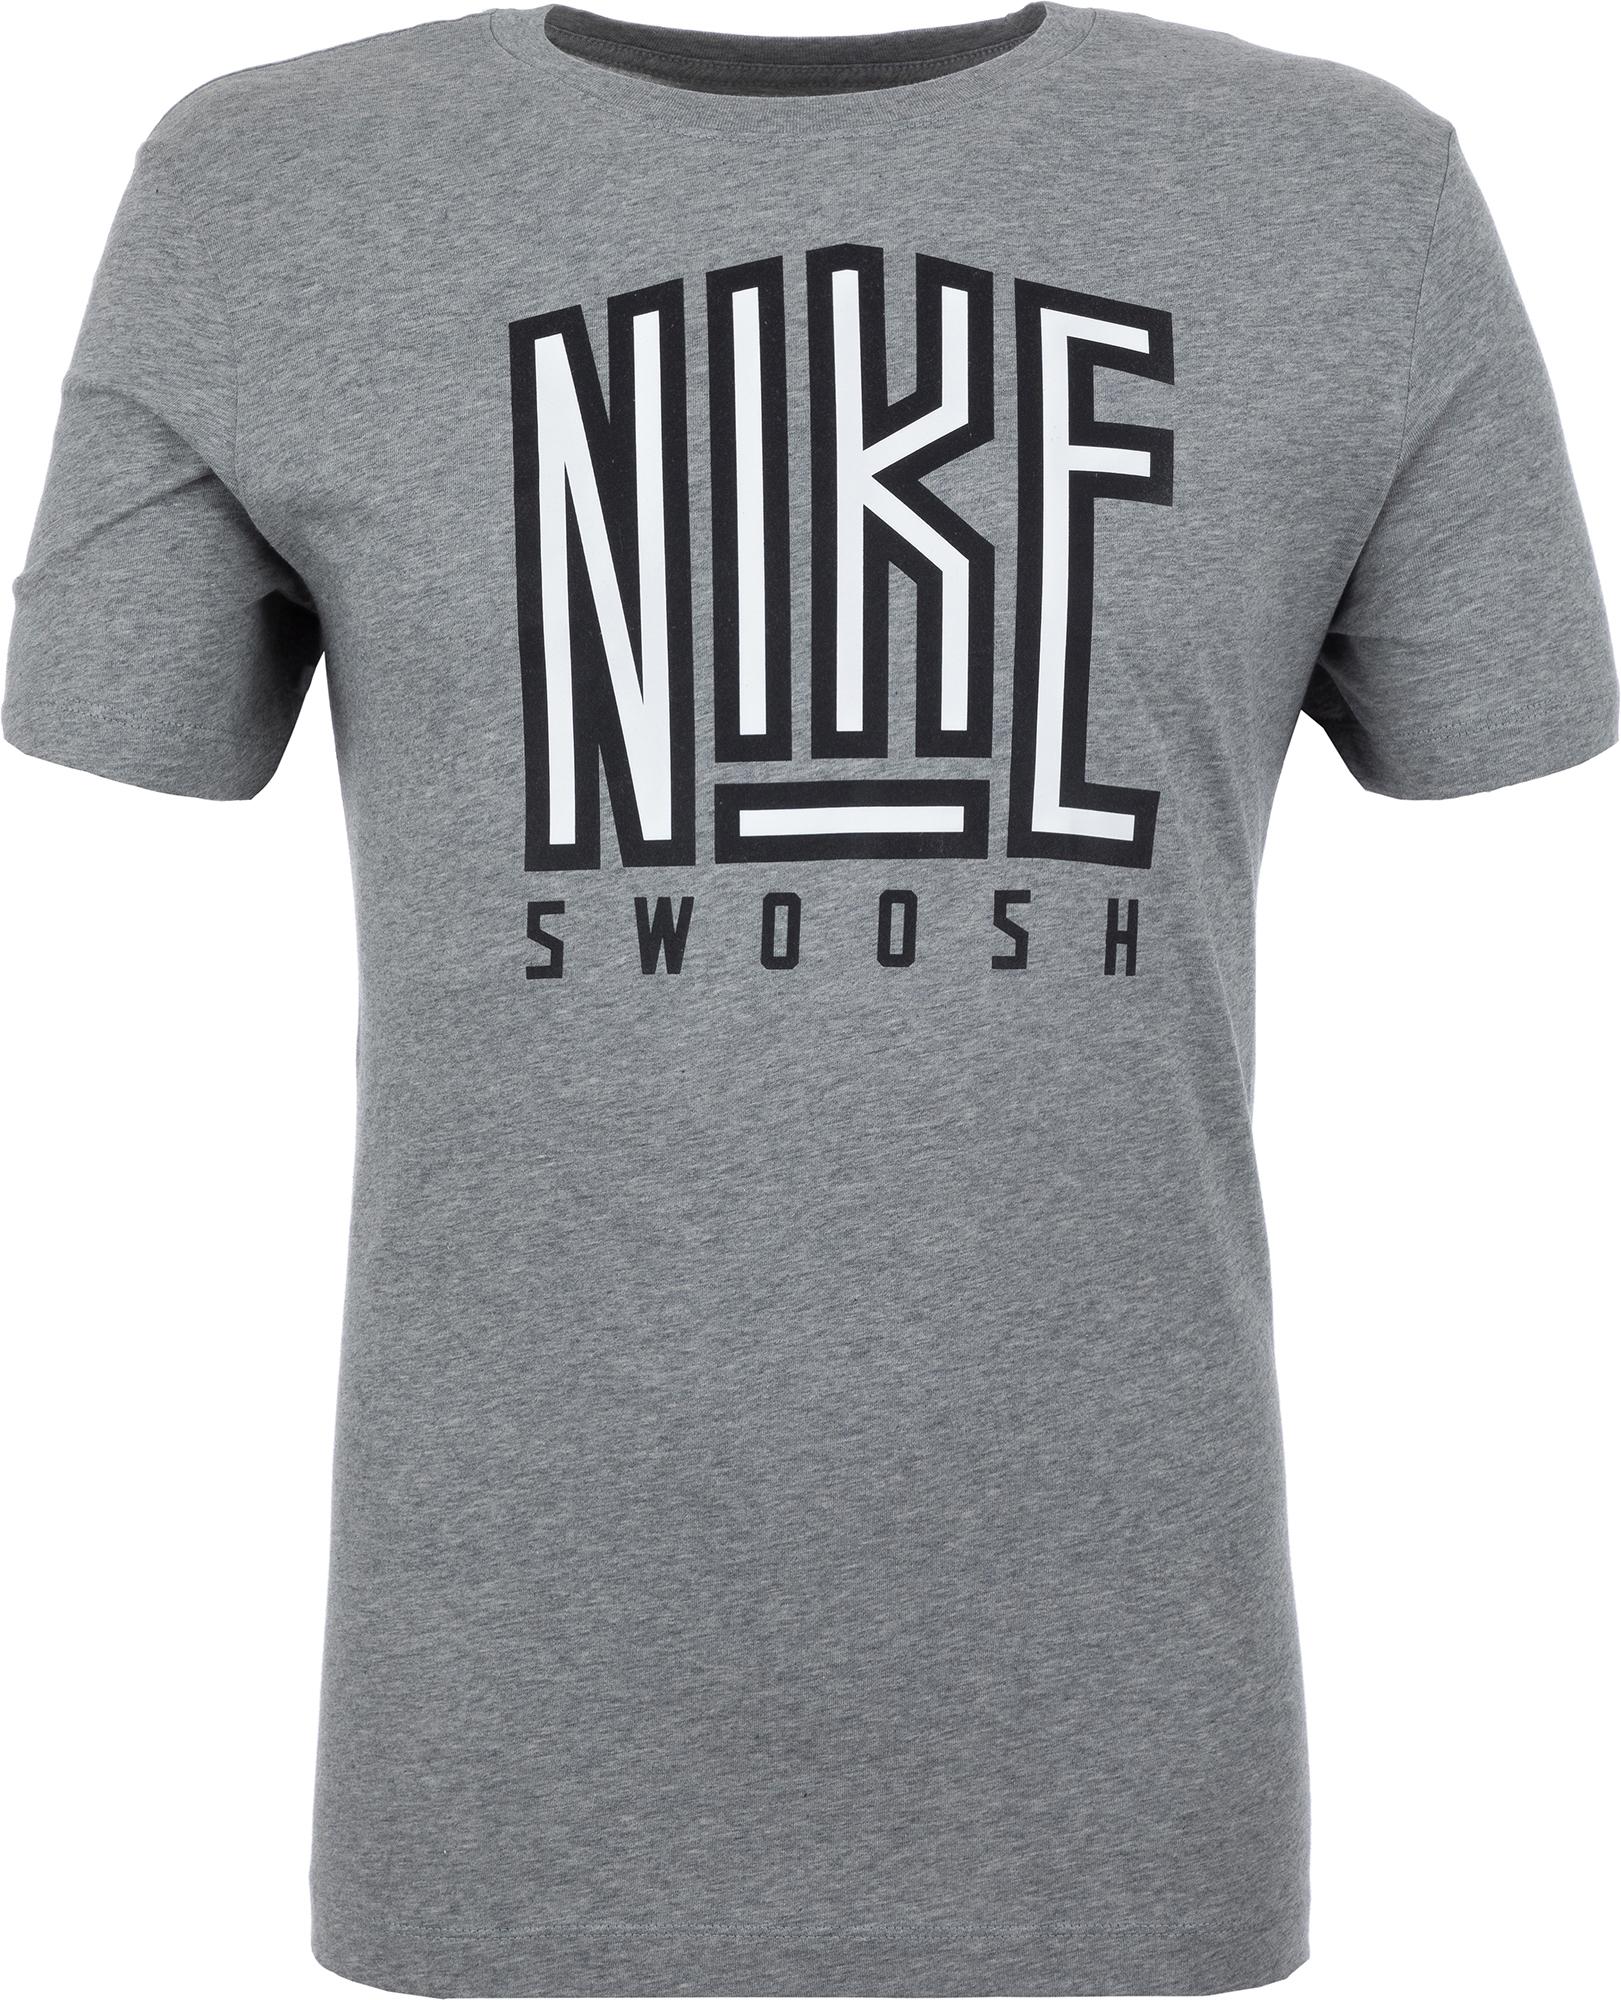 купить Nike Футболка мужская Nike Sportswear Swoosh, размер 52-54 недорого